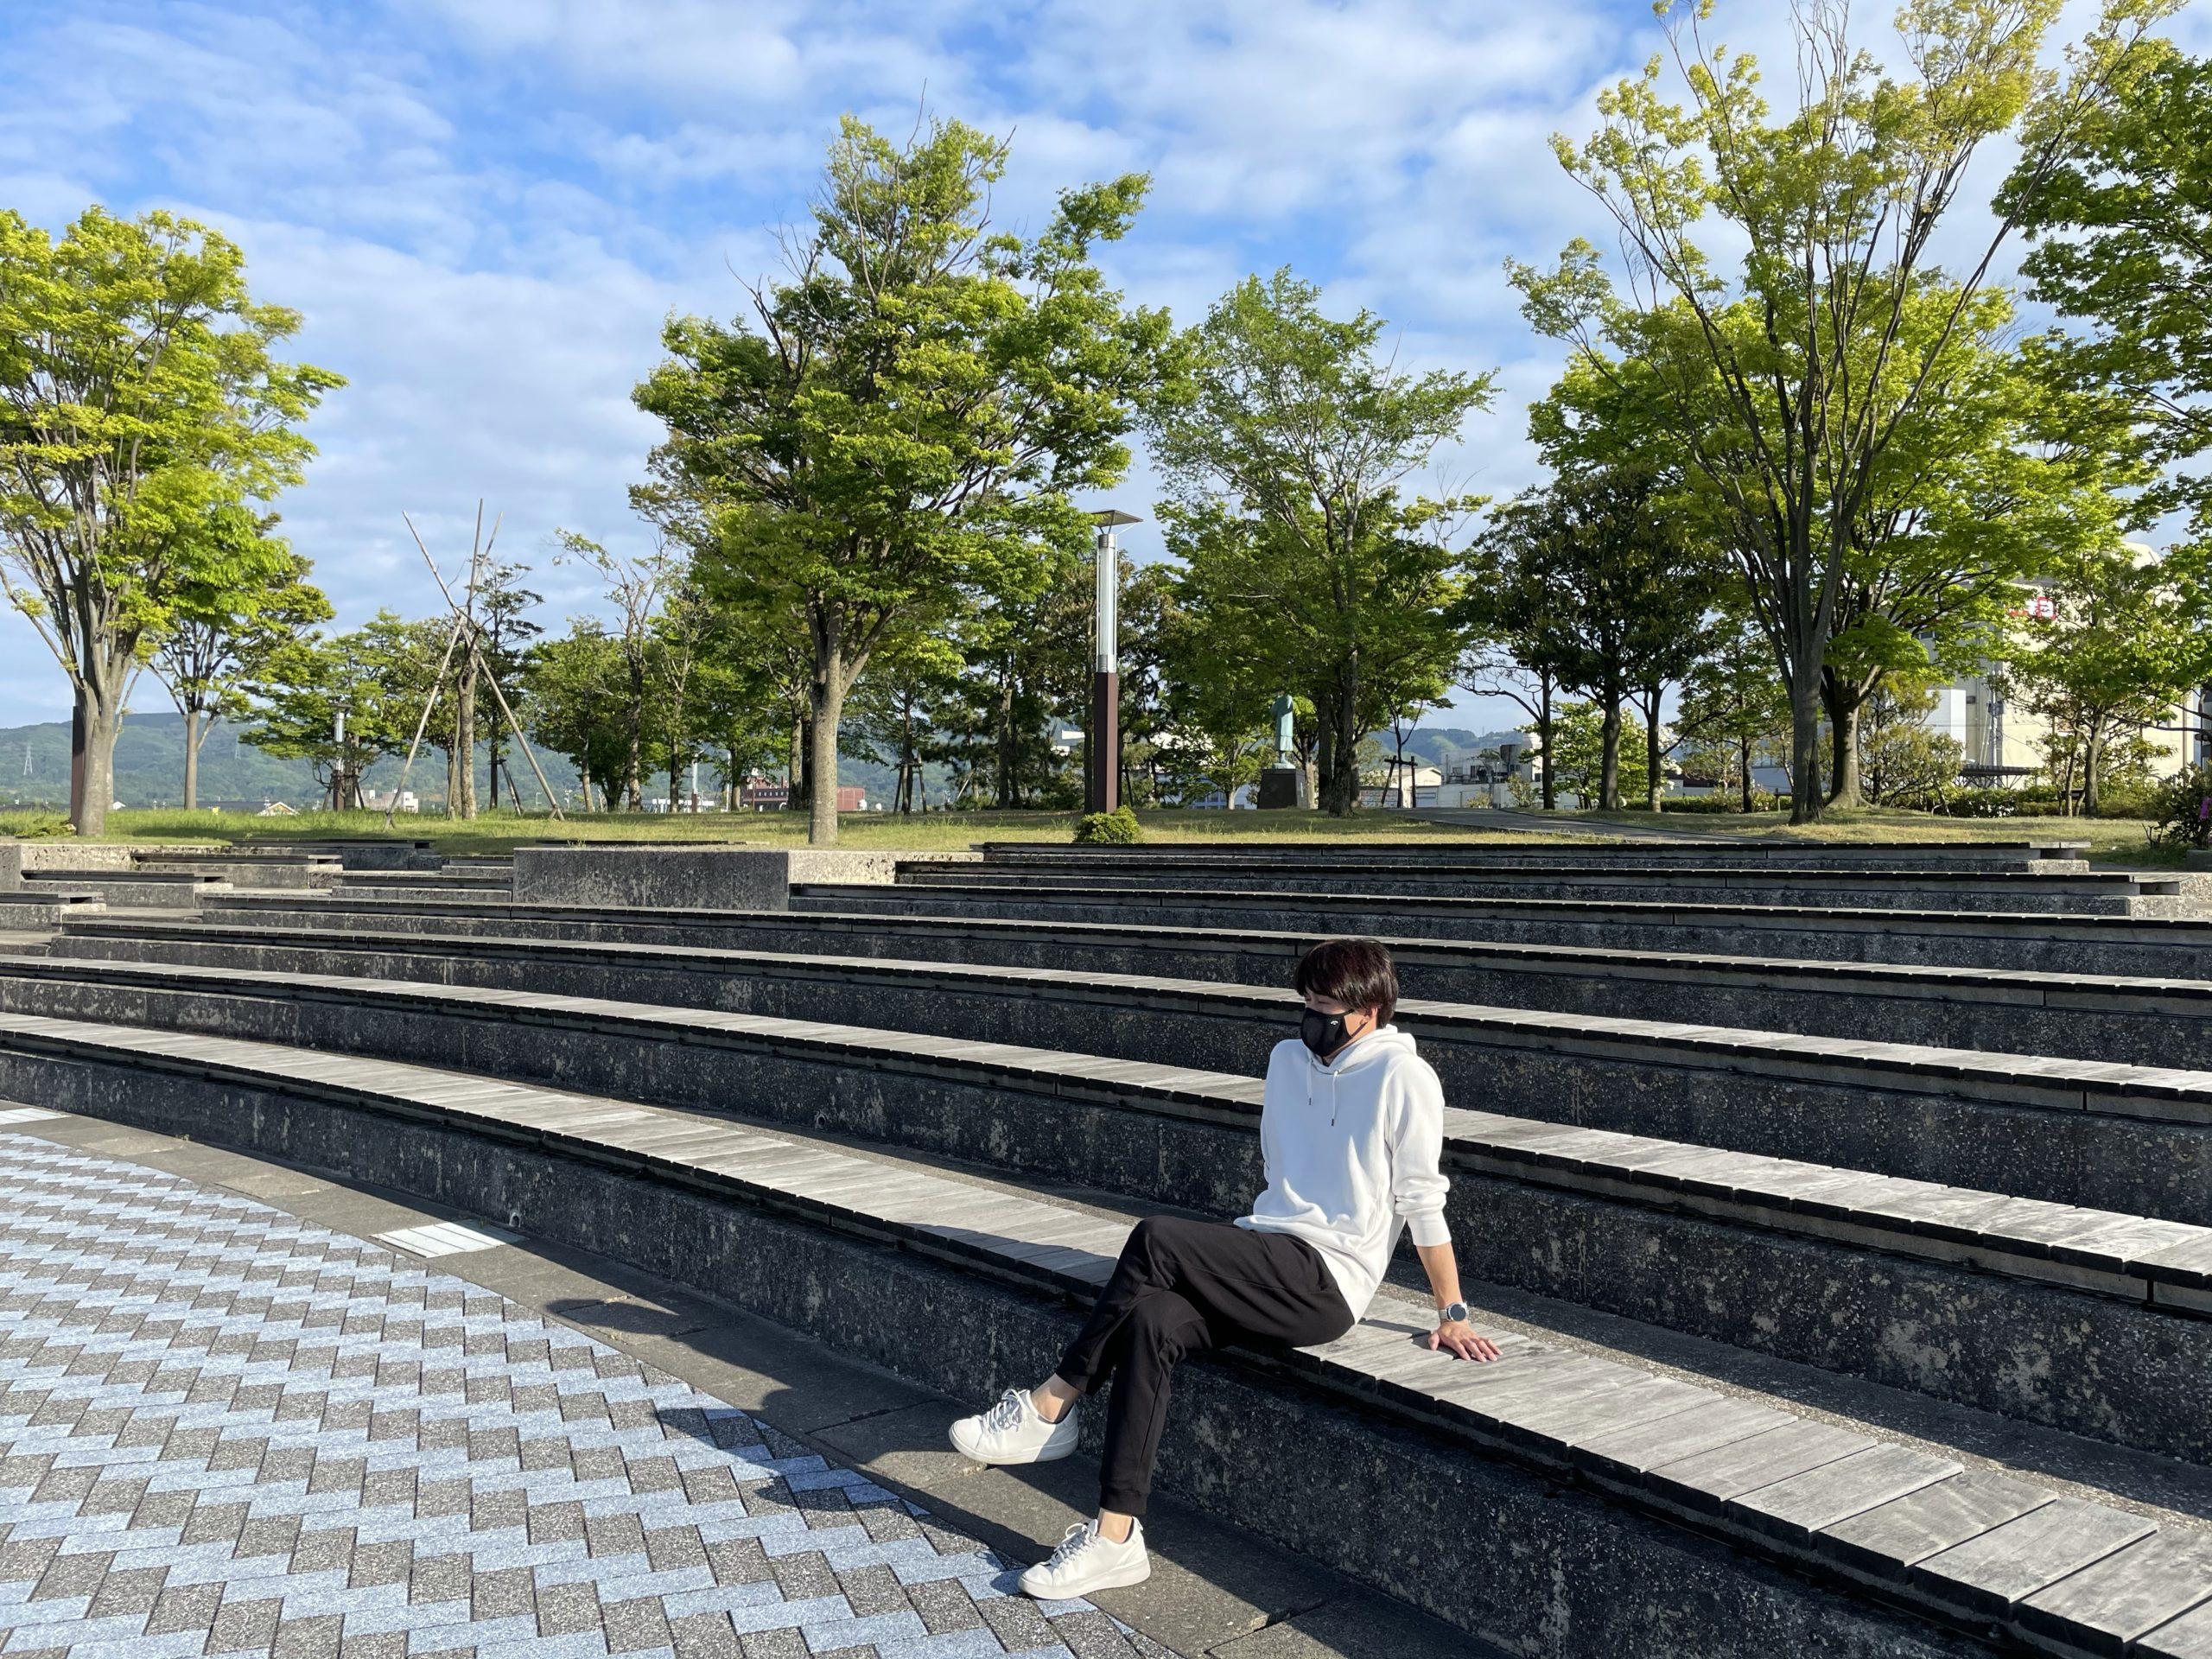 七尾湾の美しさが堪能できる憩いの場「七尾マリンパーク」【七尾市】